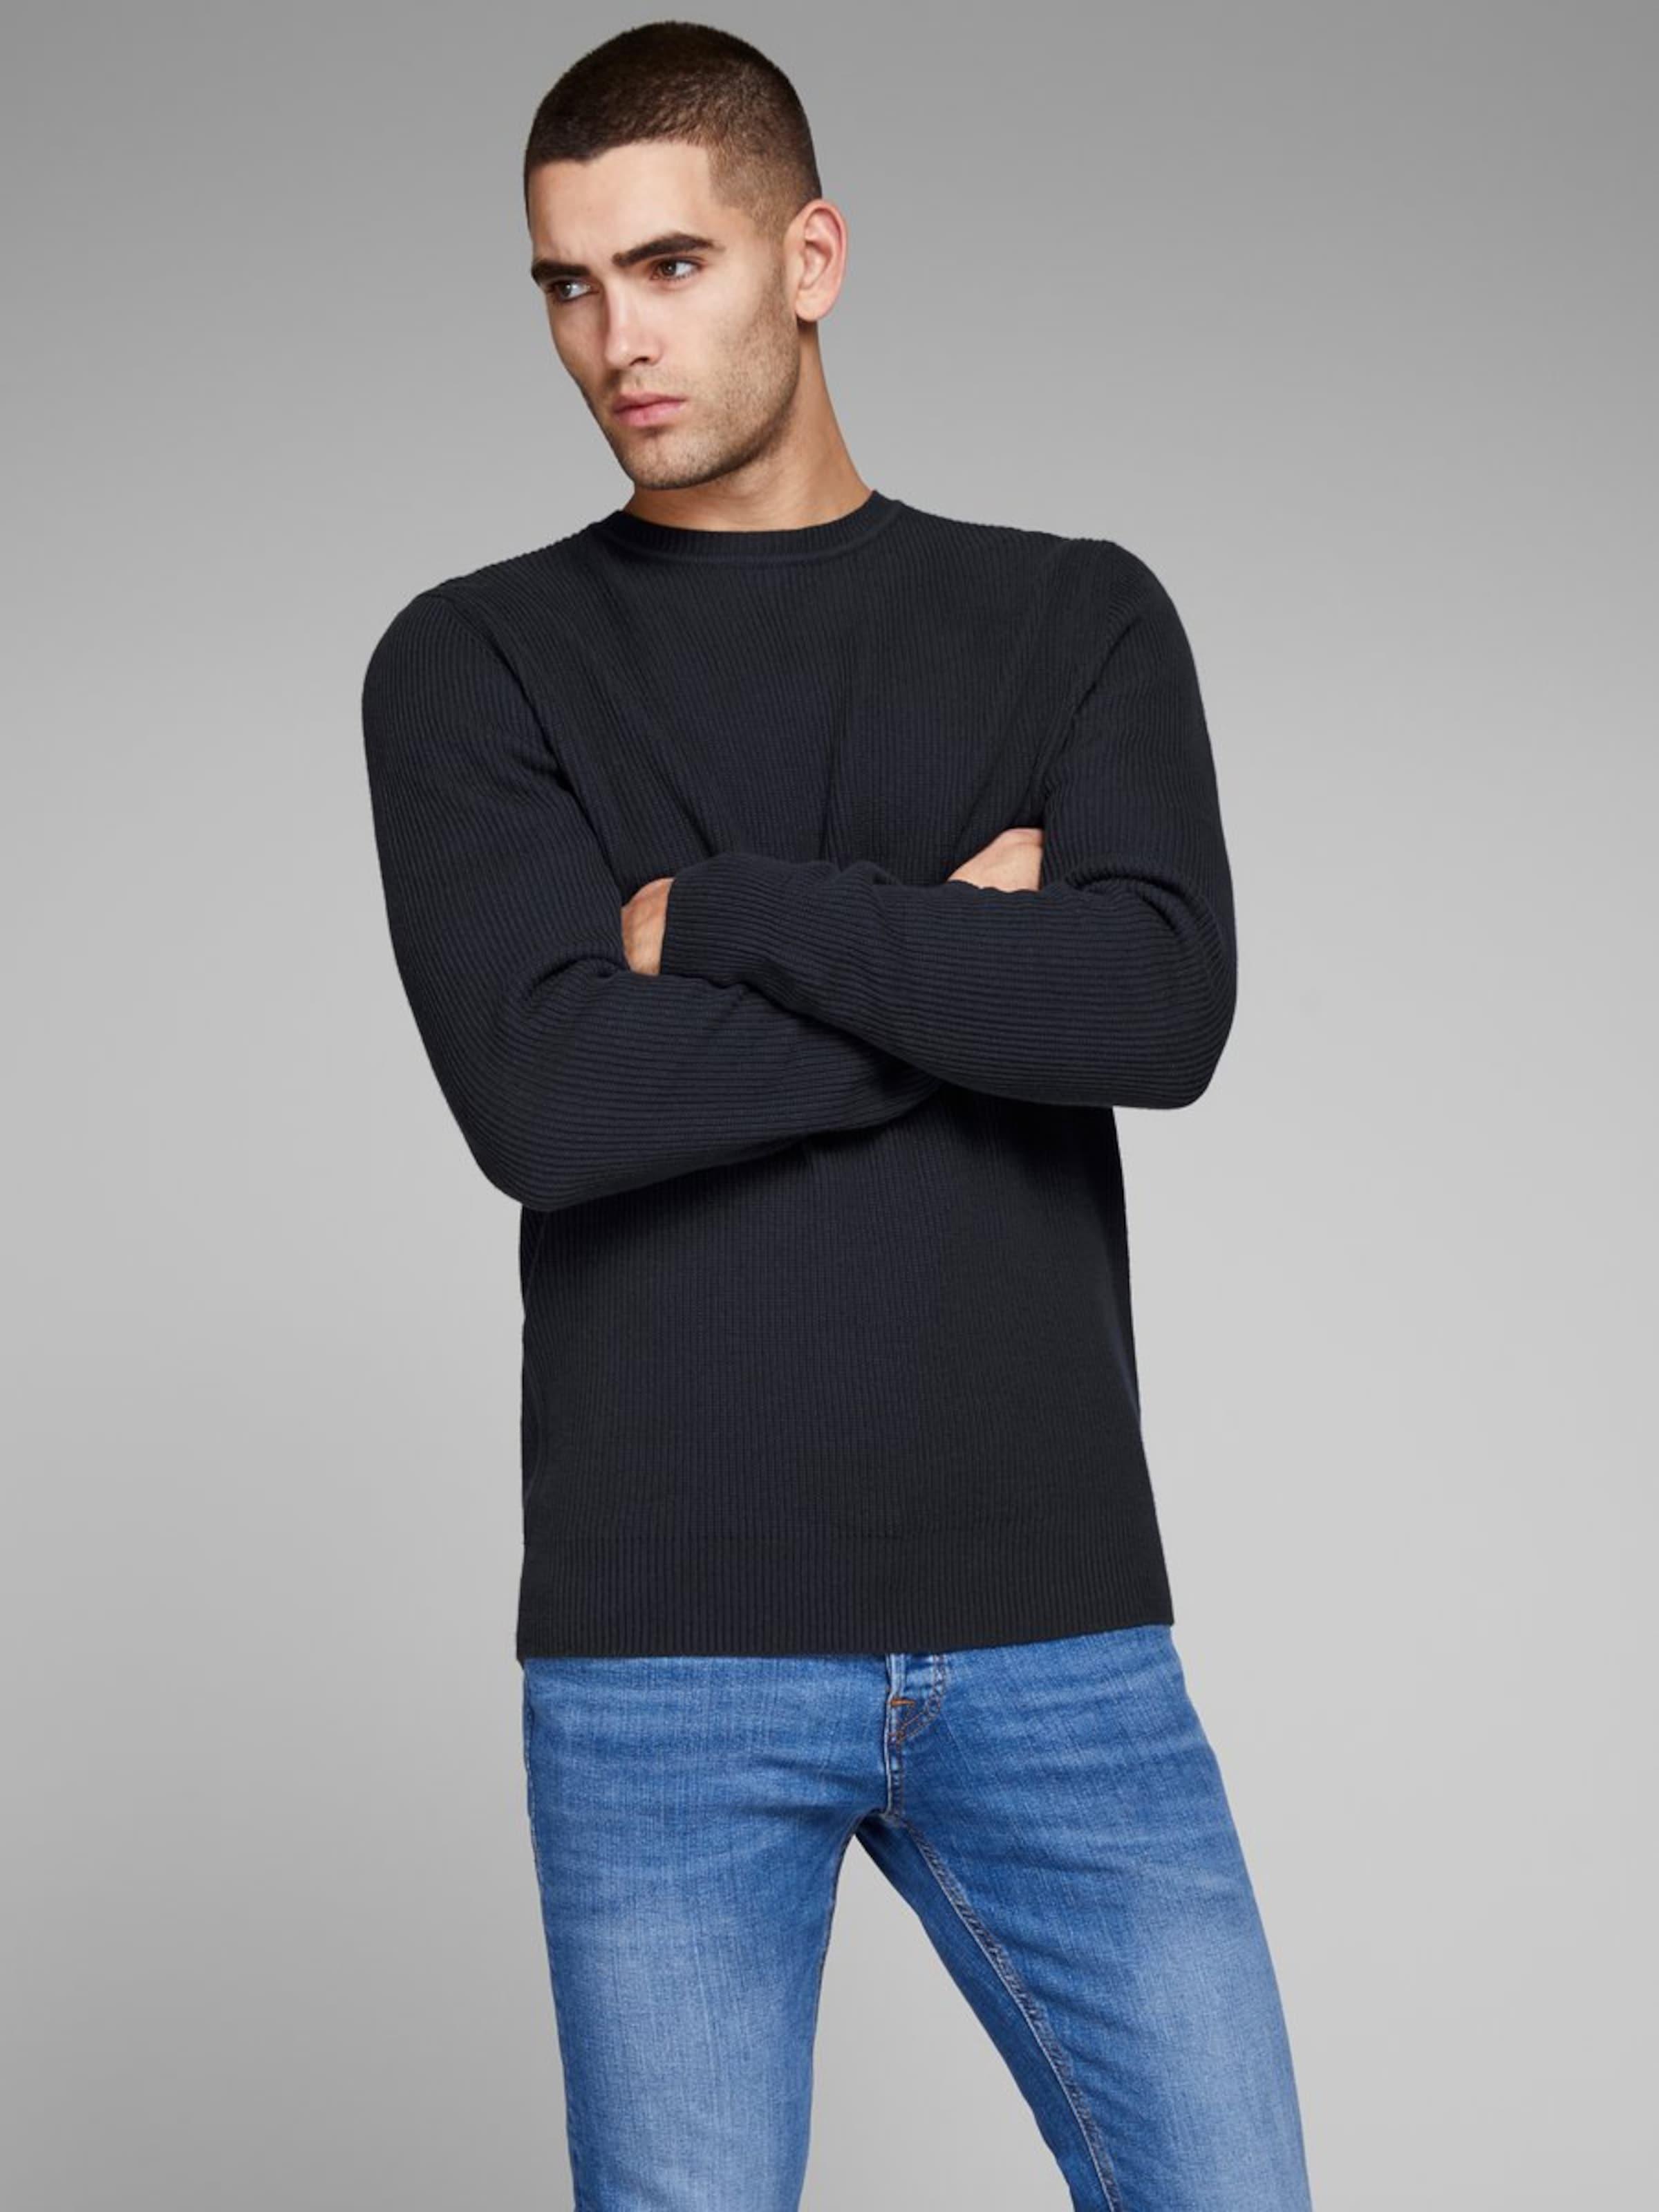 Nachtblau Jones Jones Jackamp; Pullover Pullover Nachtblau Jackamp; Jones Pullover In Jackamp; In In deQxWECBor